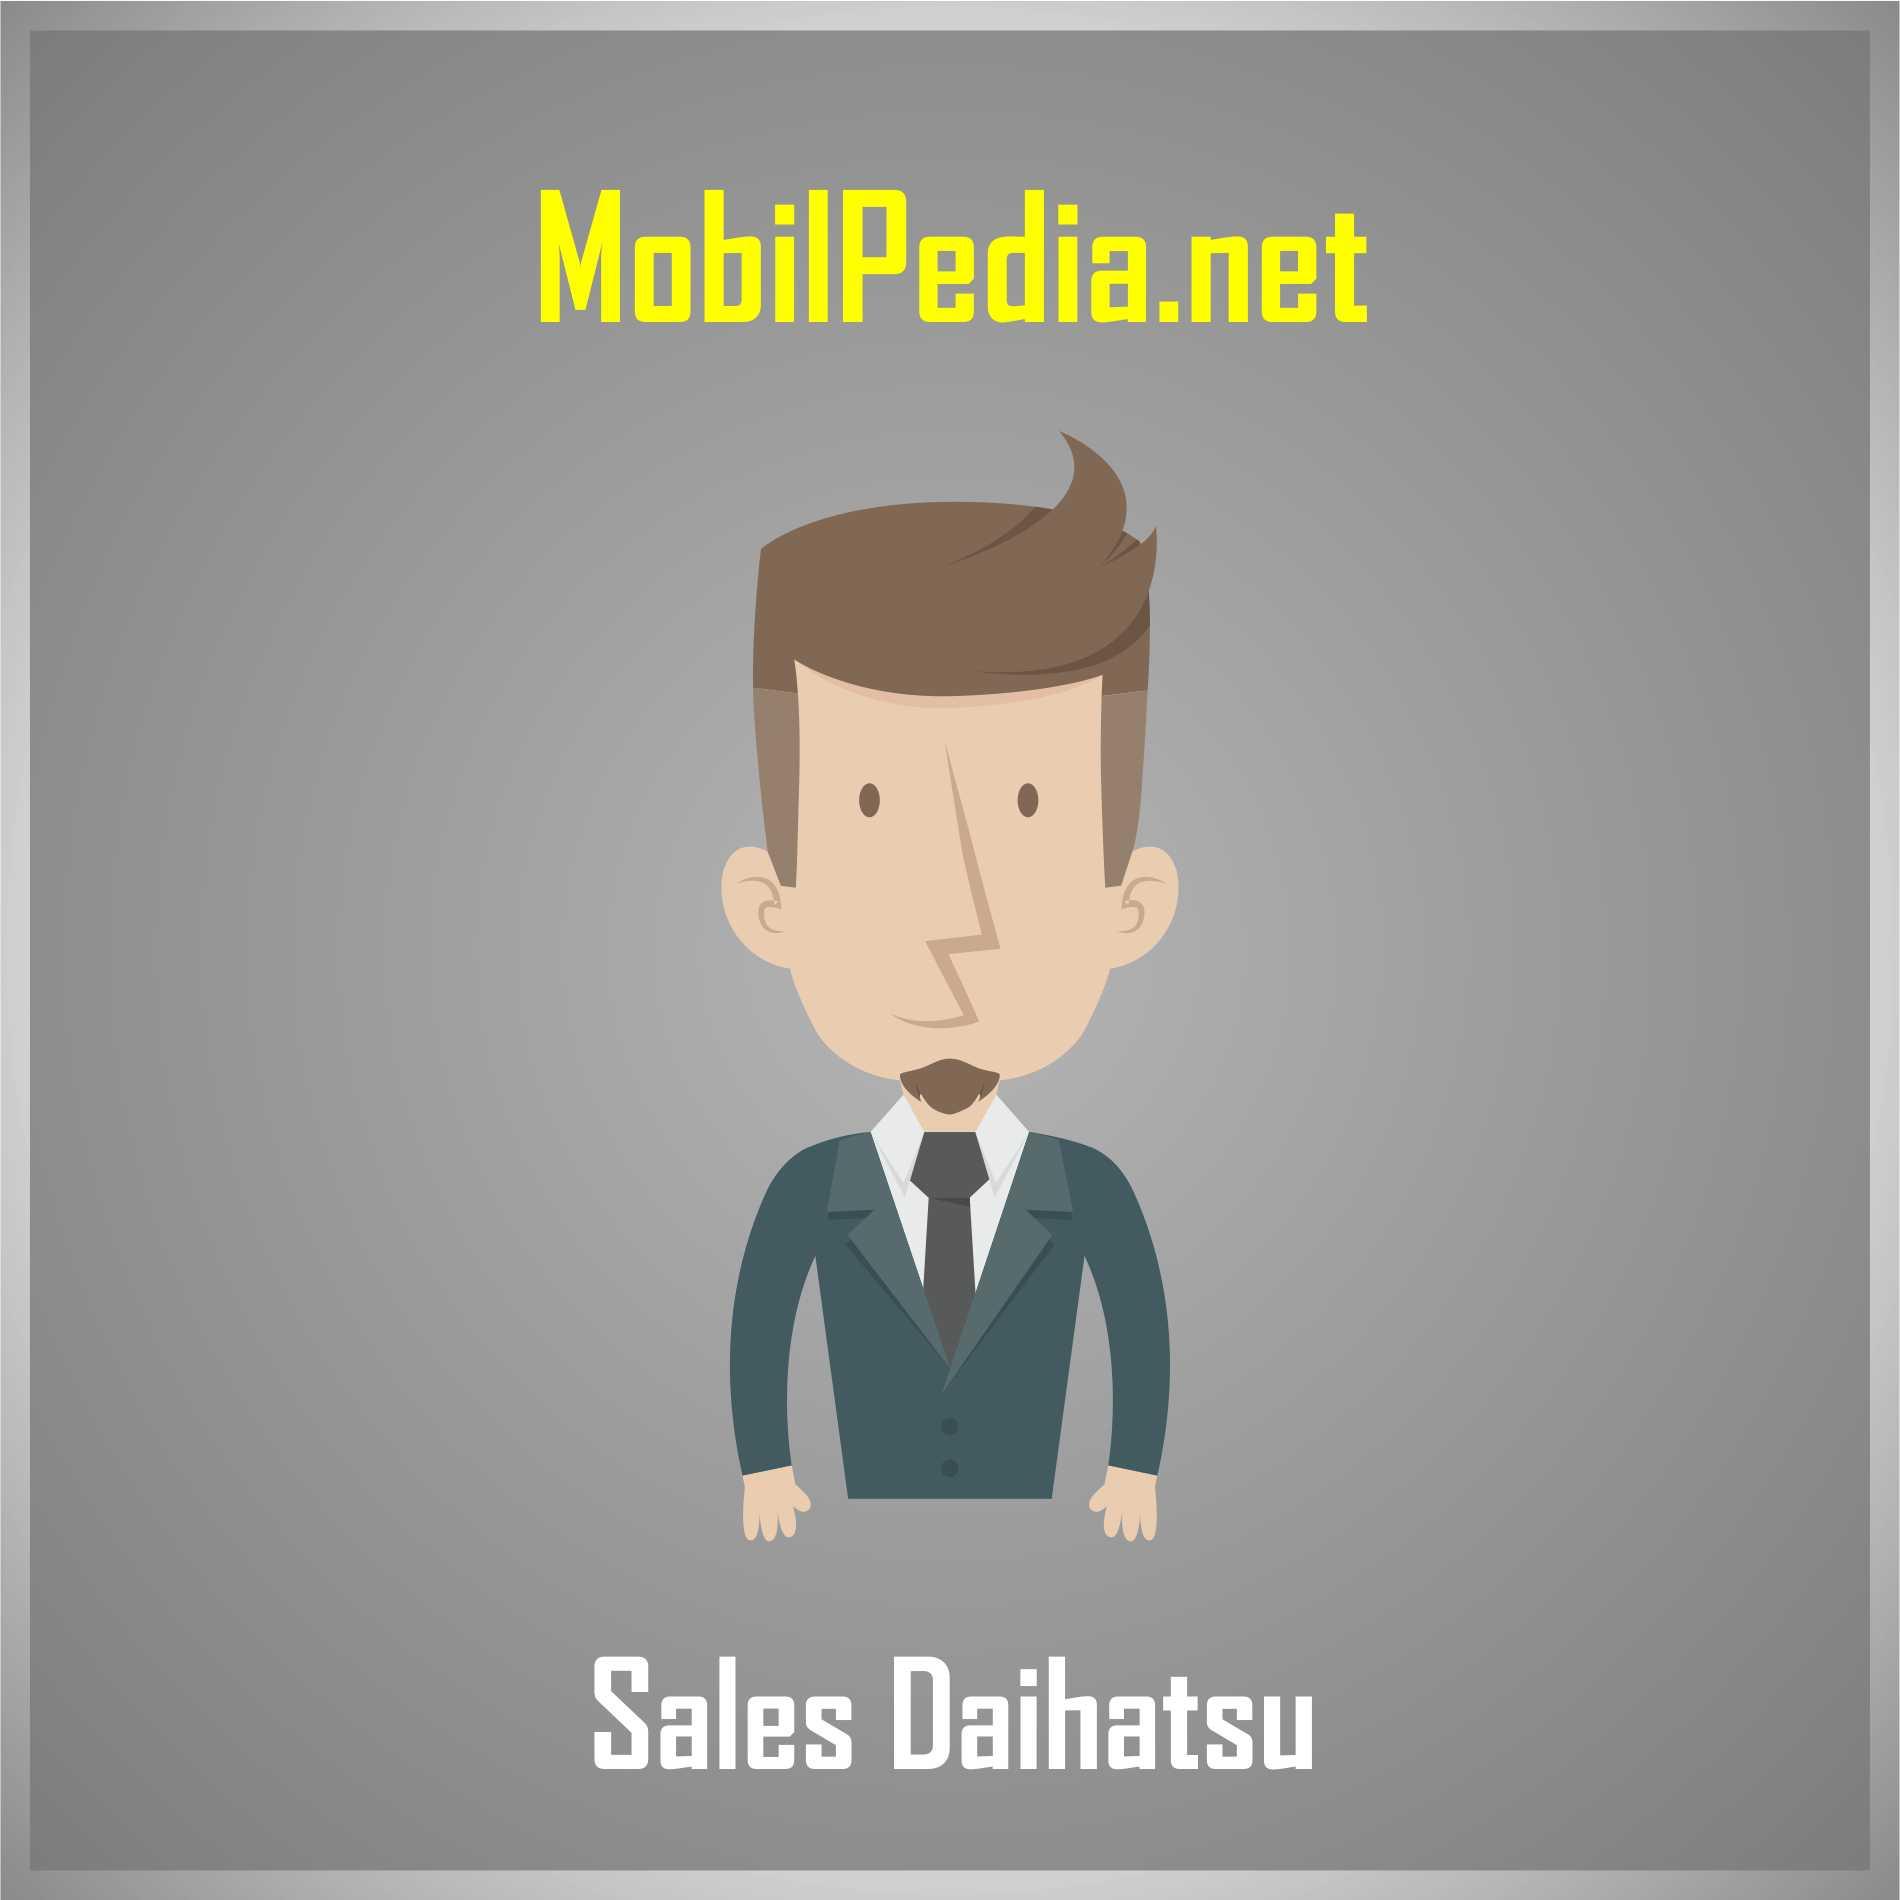 Daihatsu cilacap